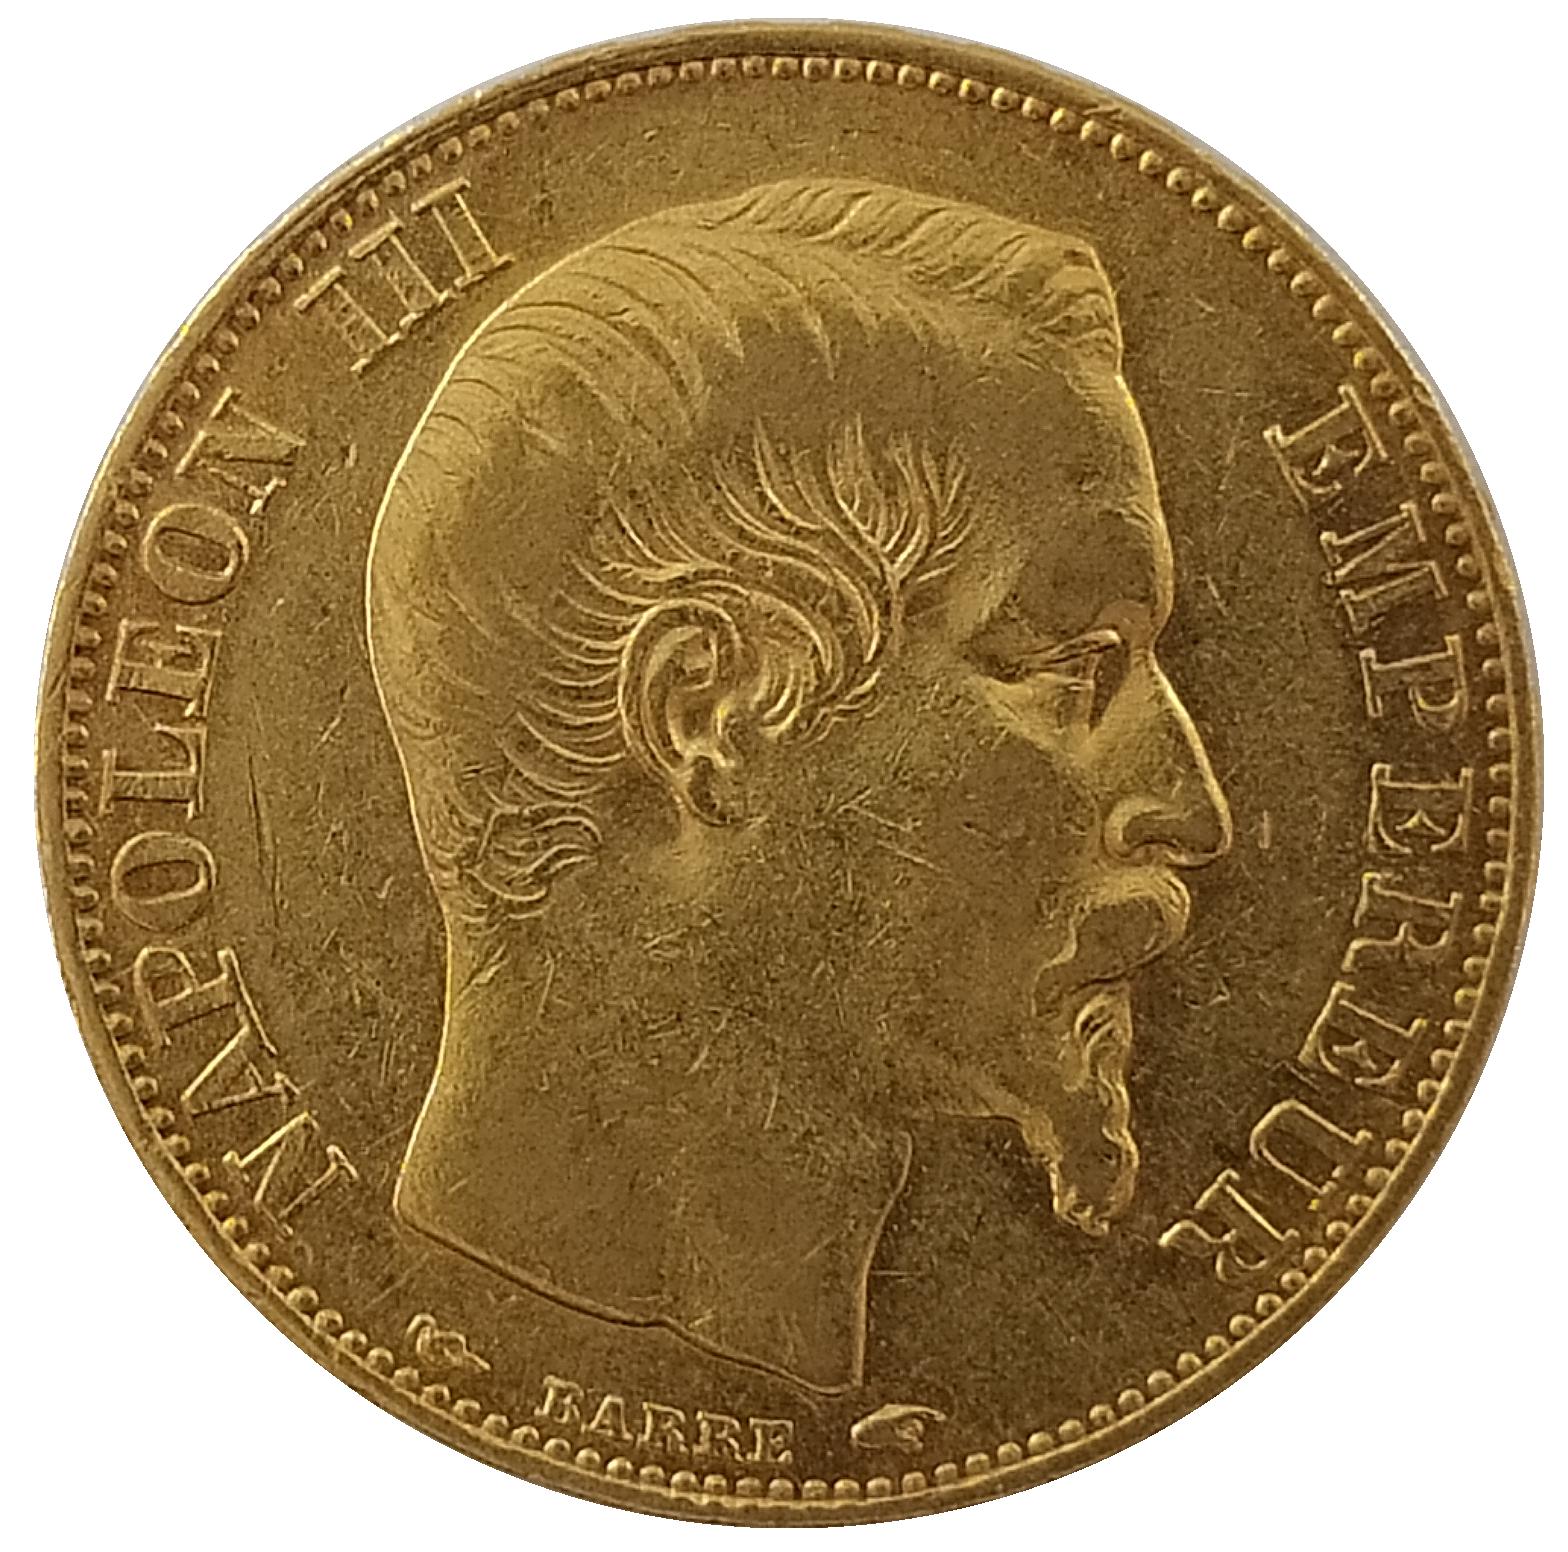 Napoléons 20F tête nue